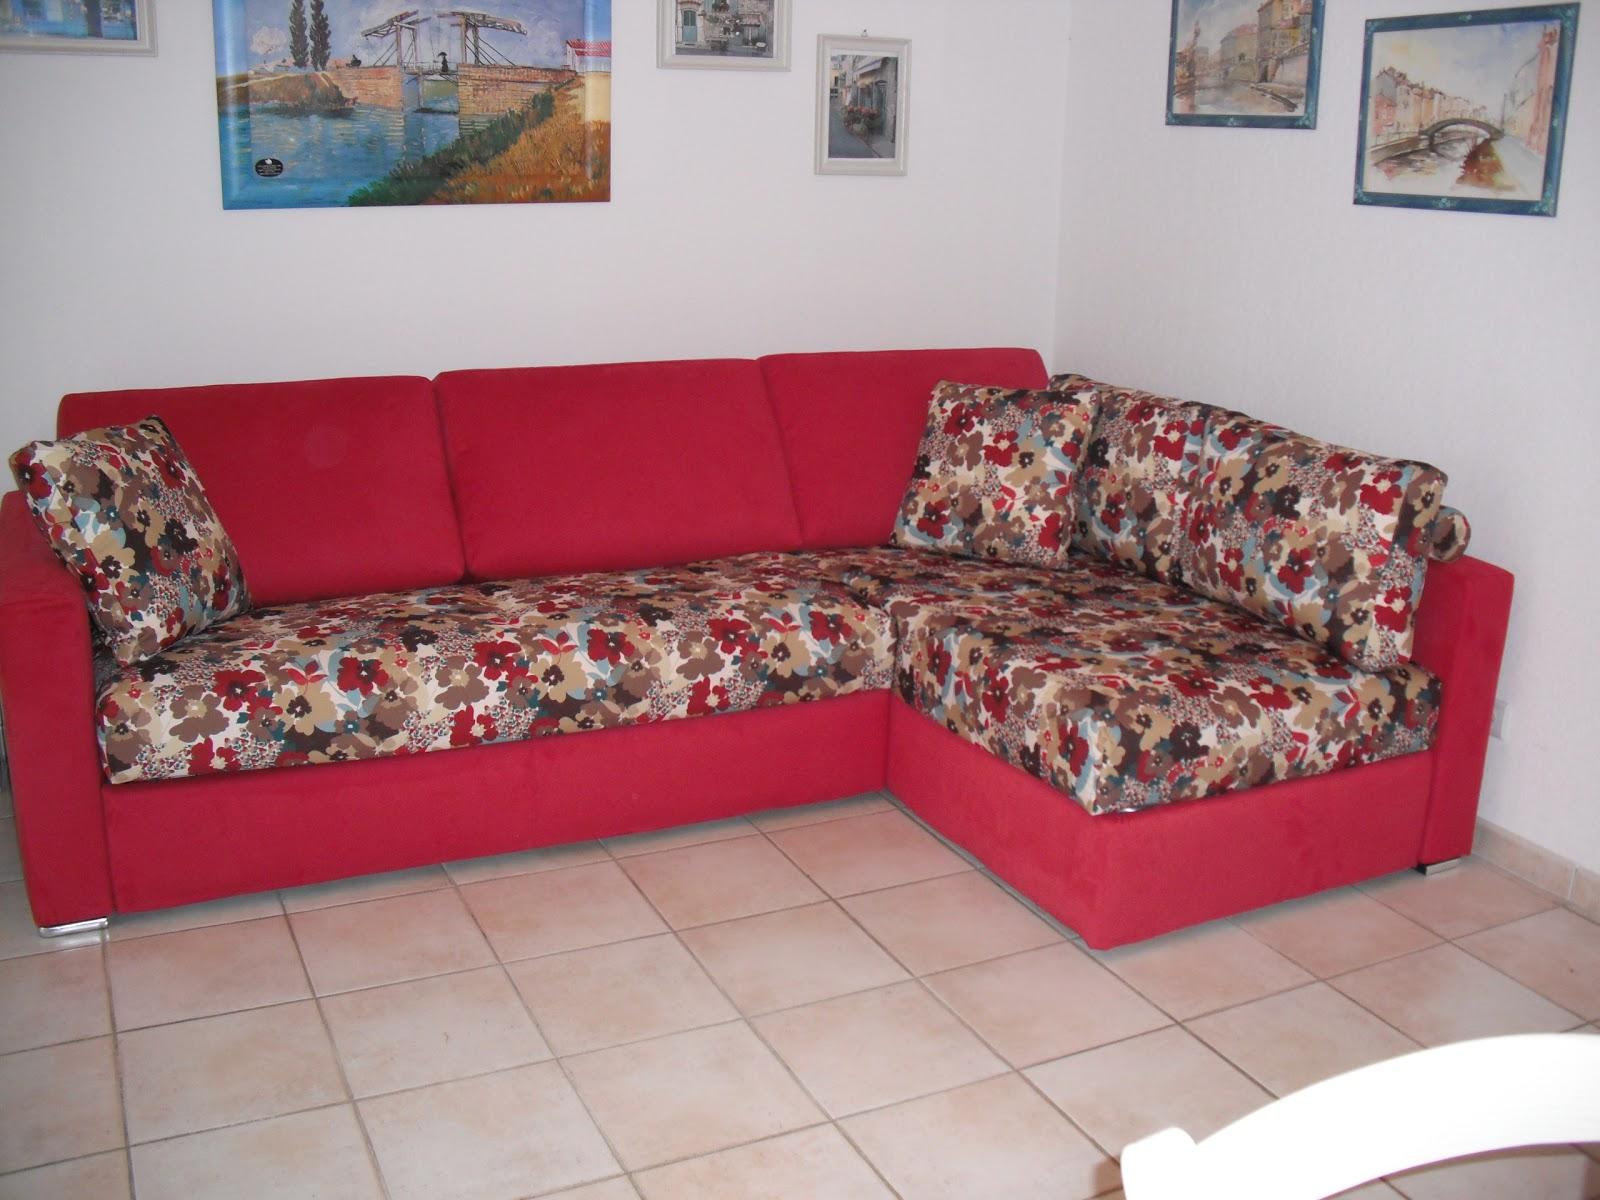 Divani e divani letto su misura divano letto zeus su - Divano letto su misura ...